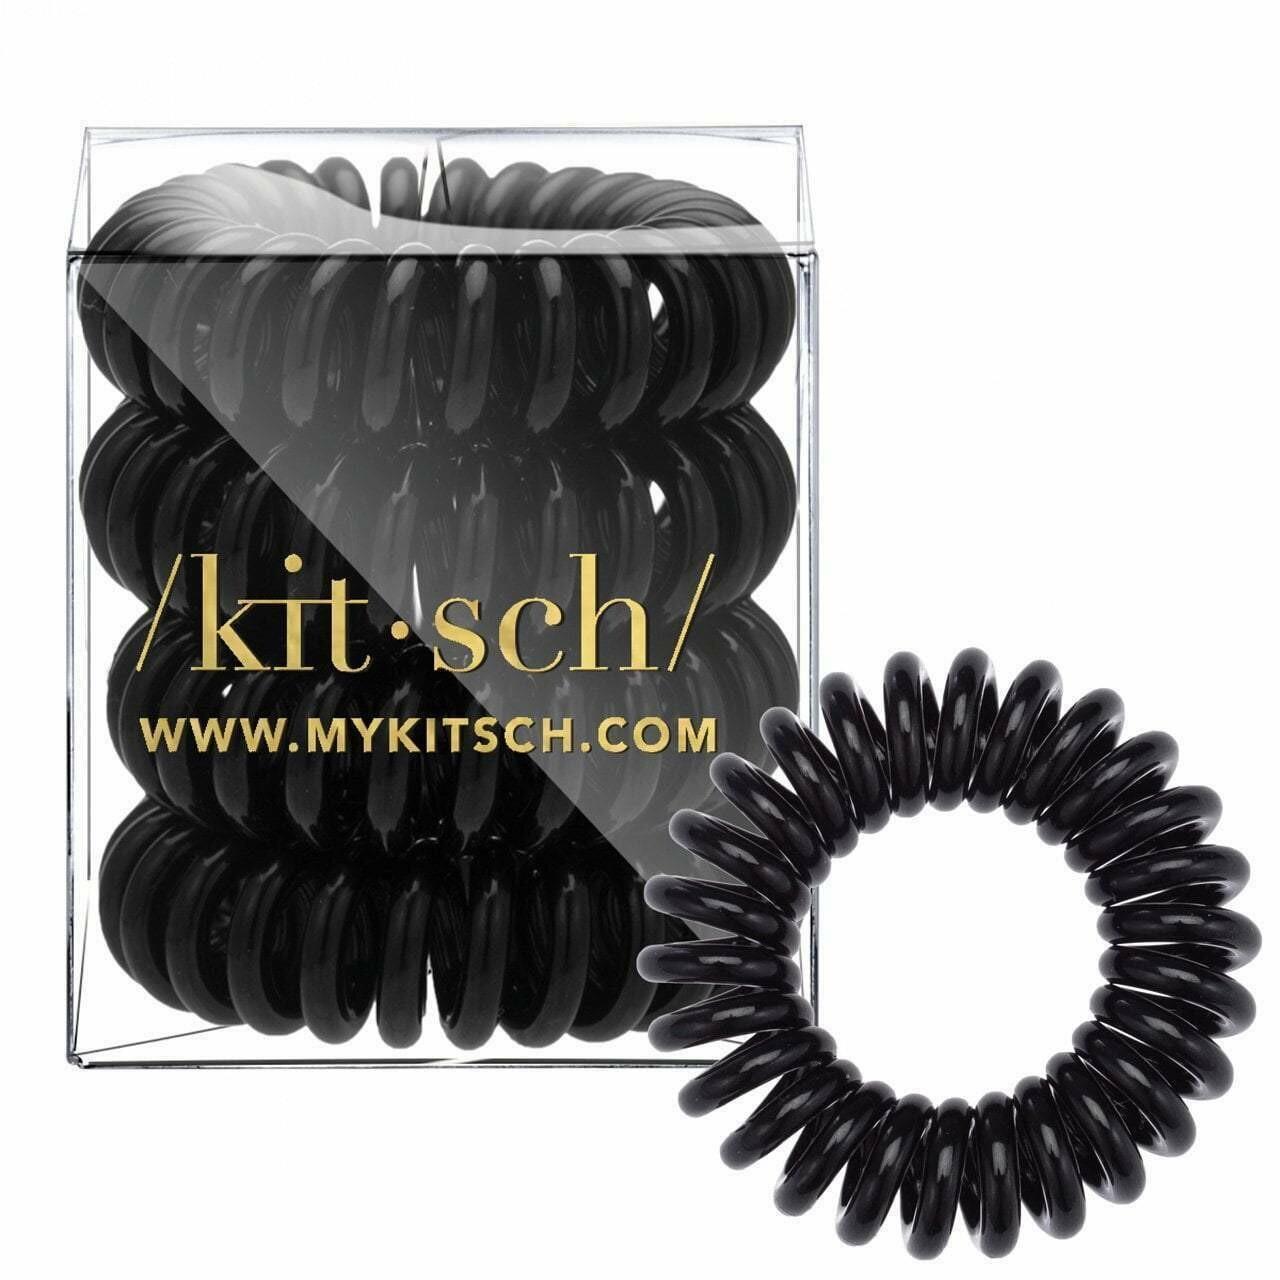 Black Hair Coils - 4 pack